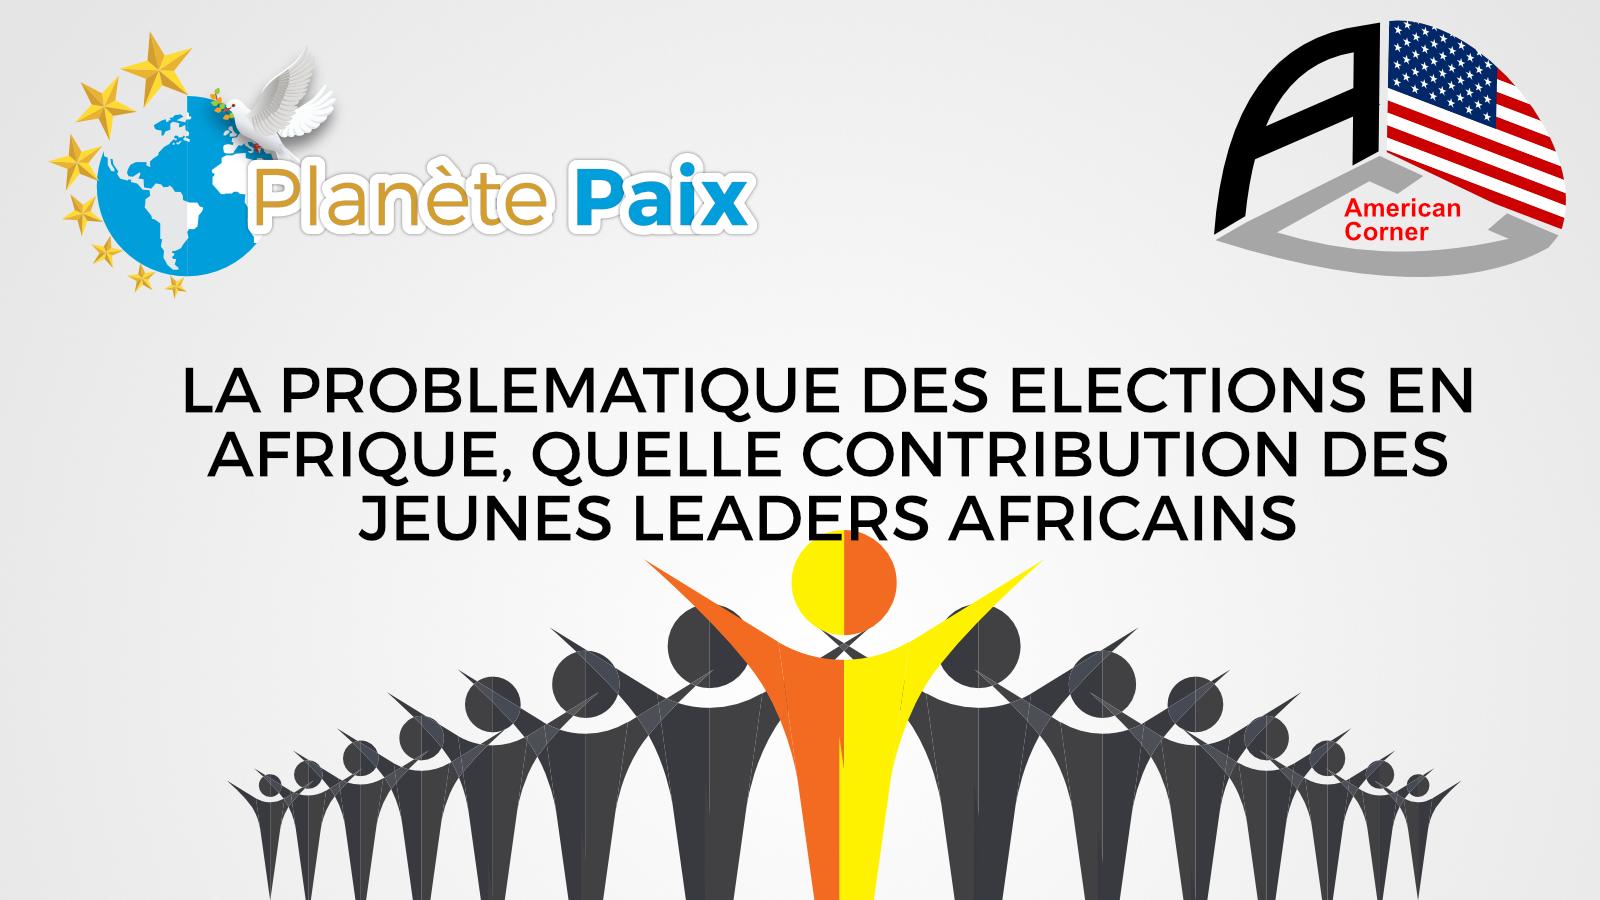 Sommet des jeunes leaders Africains | LA PROBLEMATIQUE DES ELECTIONS EN AFRIQUE, QUELLE CONTRIBUTION DES JEUNES LEADERS AFRICAINS